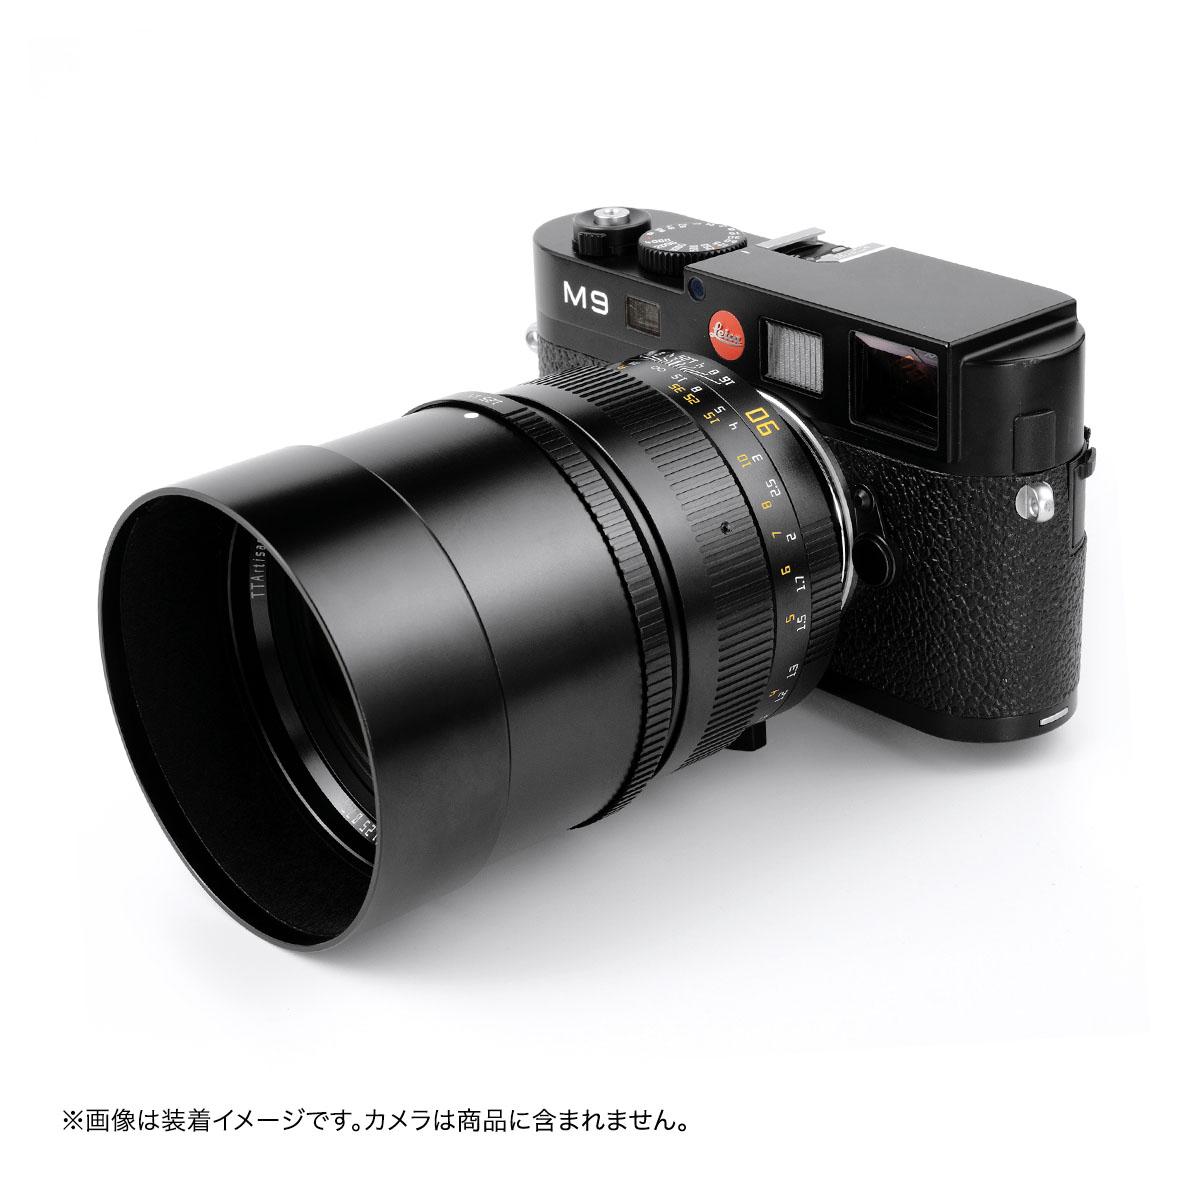 銘匠光学 TTArtisan 90mm f/1.25 ライカMマウント 単焦点レンズ